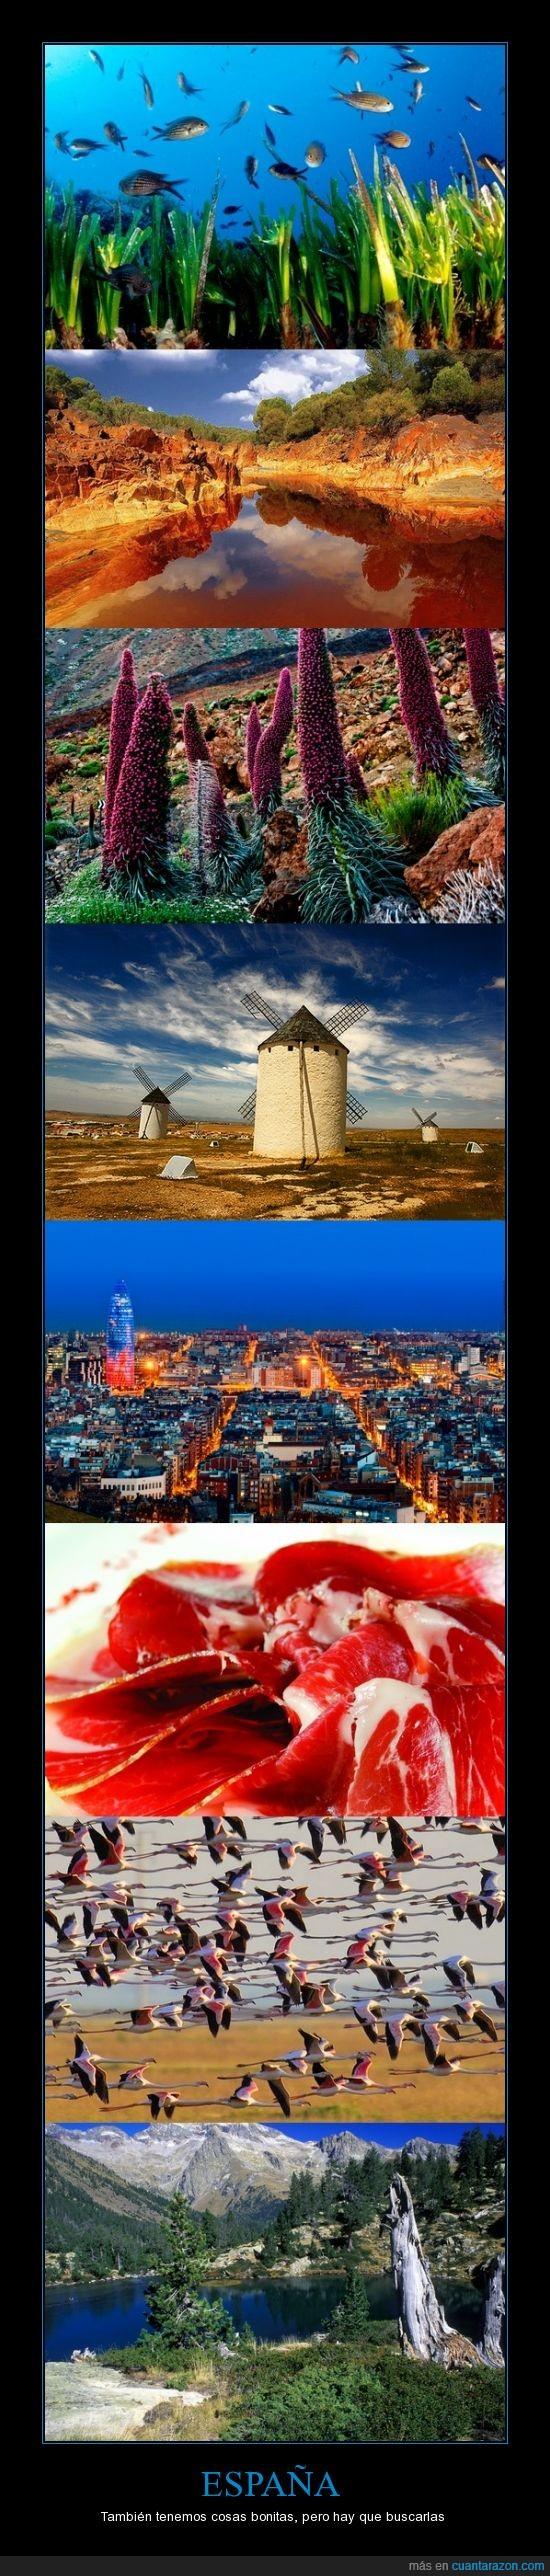 España,flamencos,jamón,molino,paisajes,peces,rio tinto,tajinaste